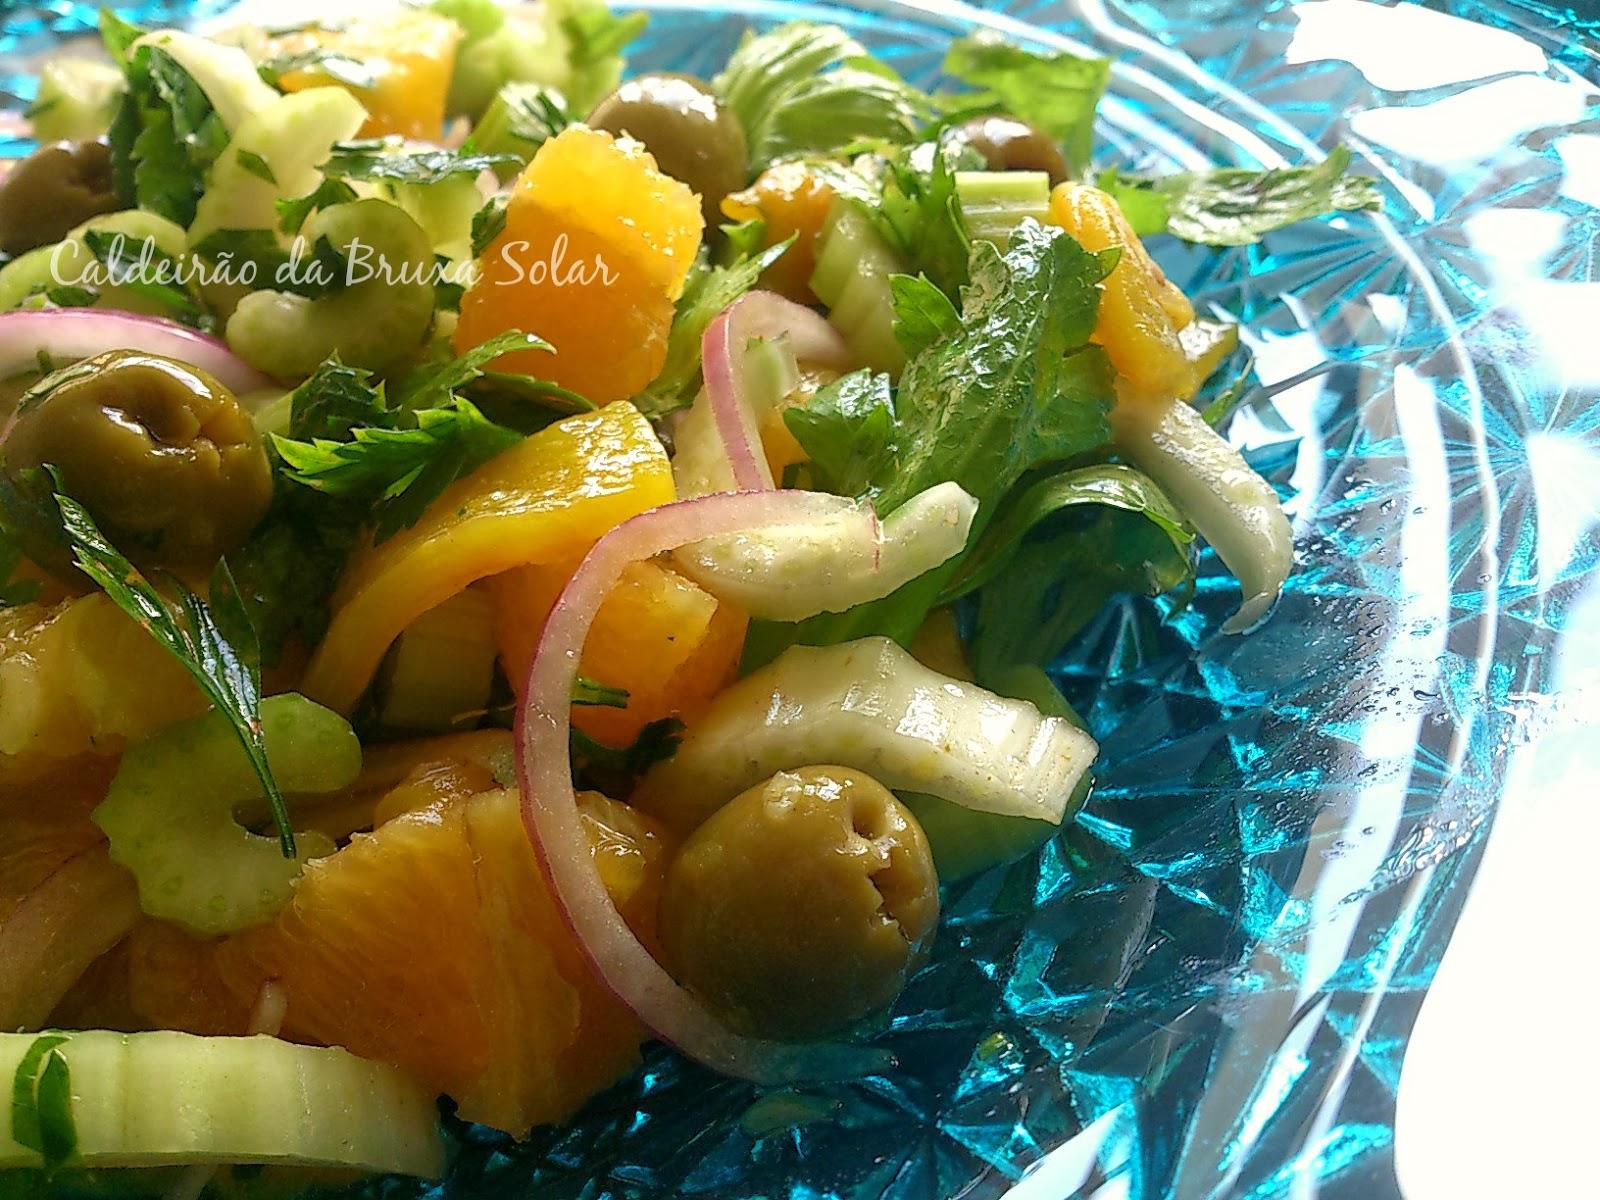 Salada de aipo, laranja, limões, pimentão e azeitonas